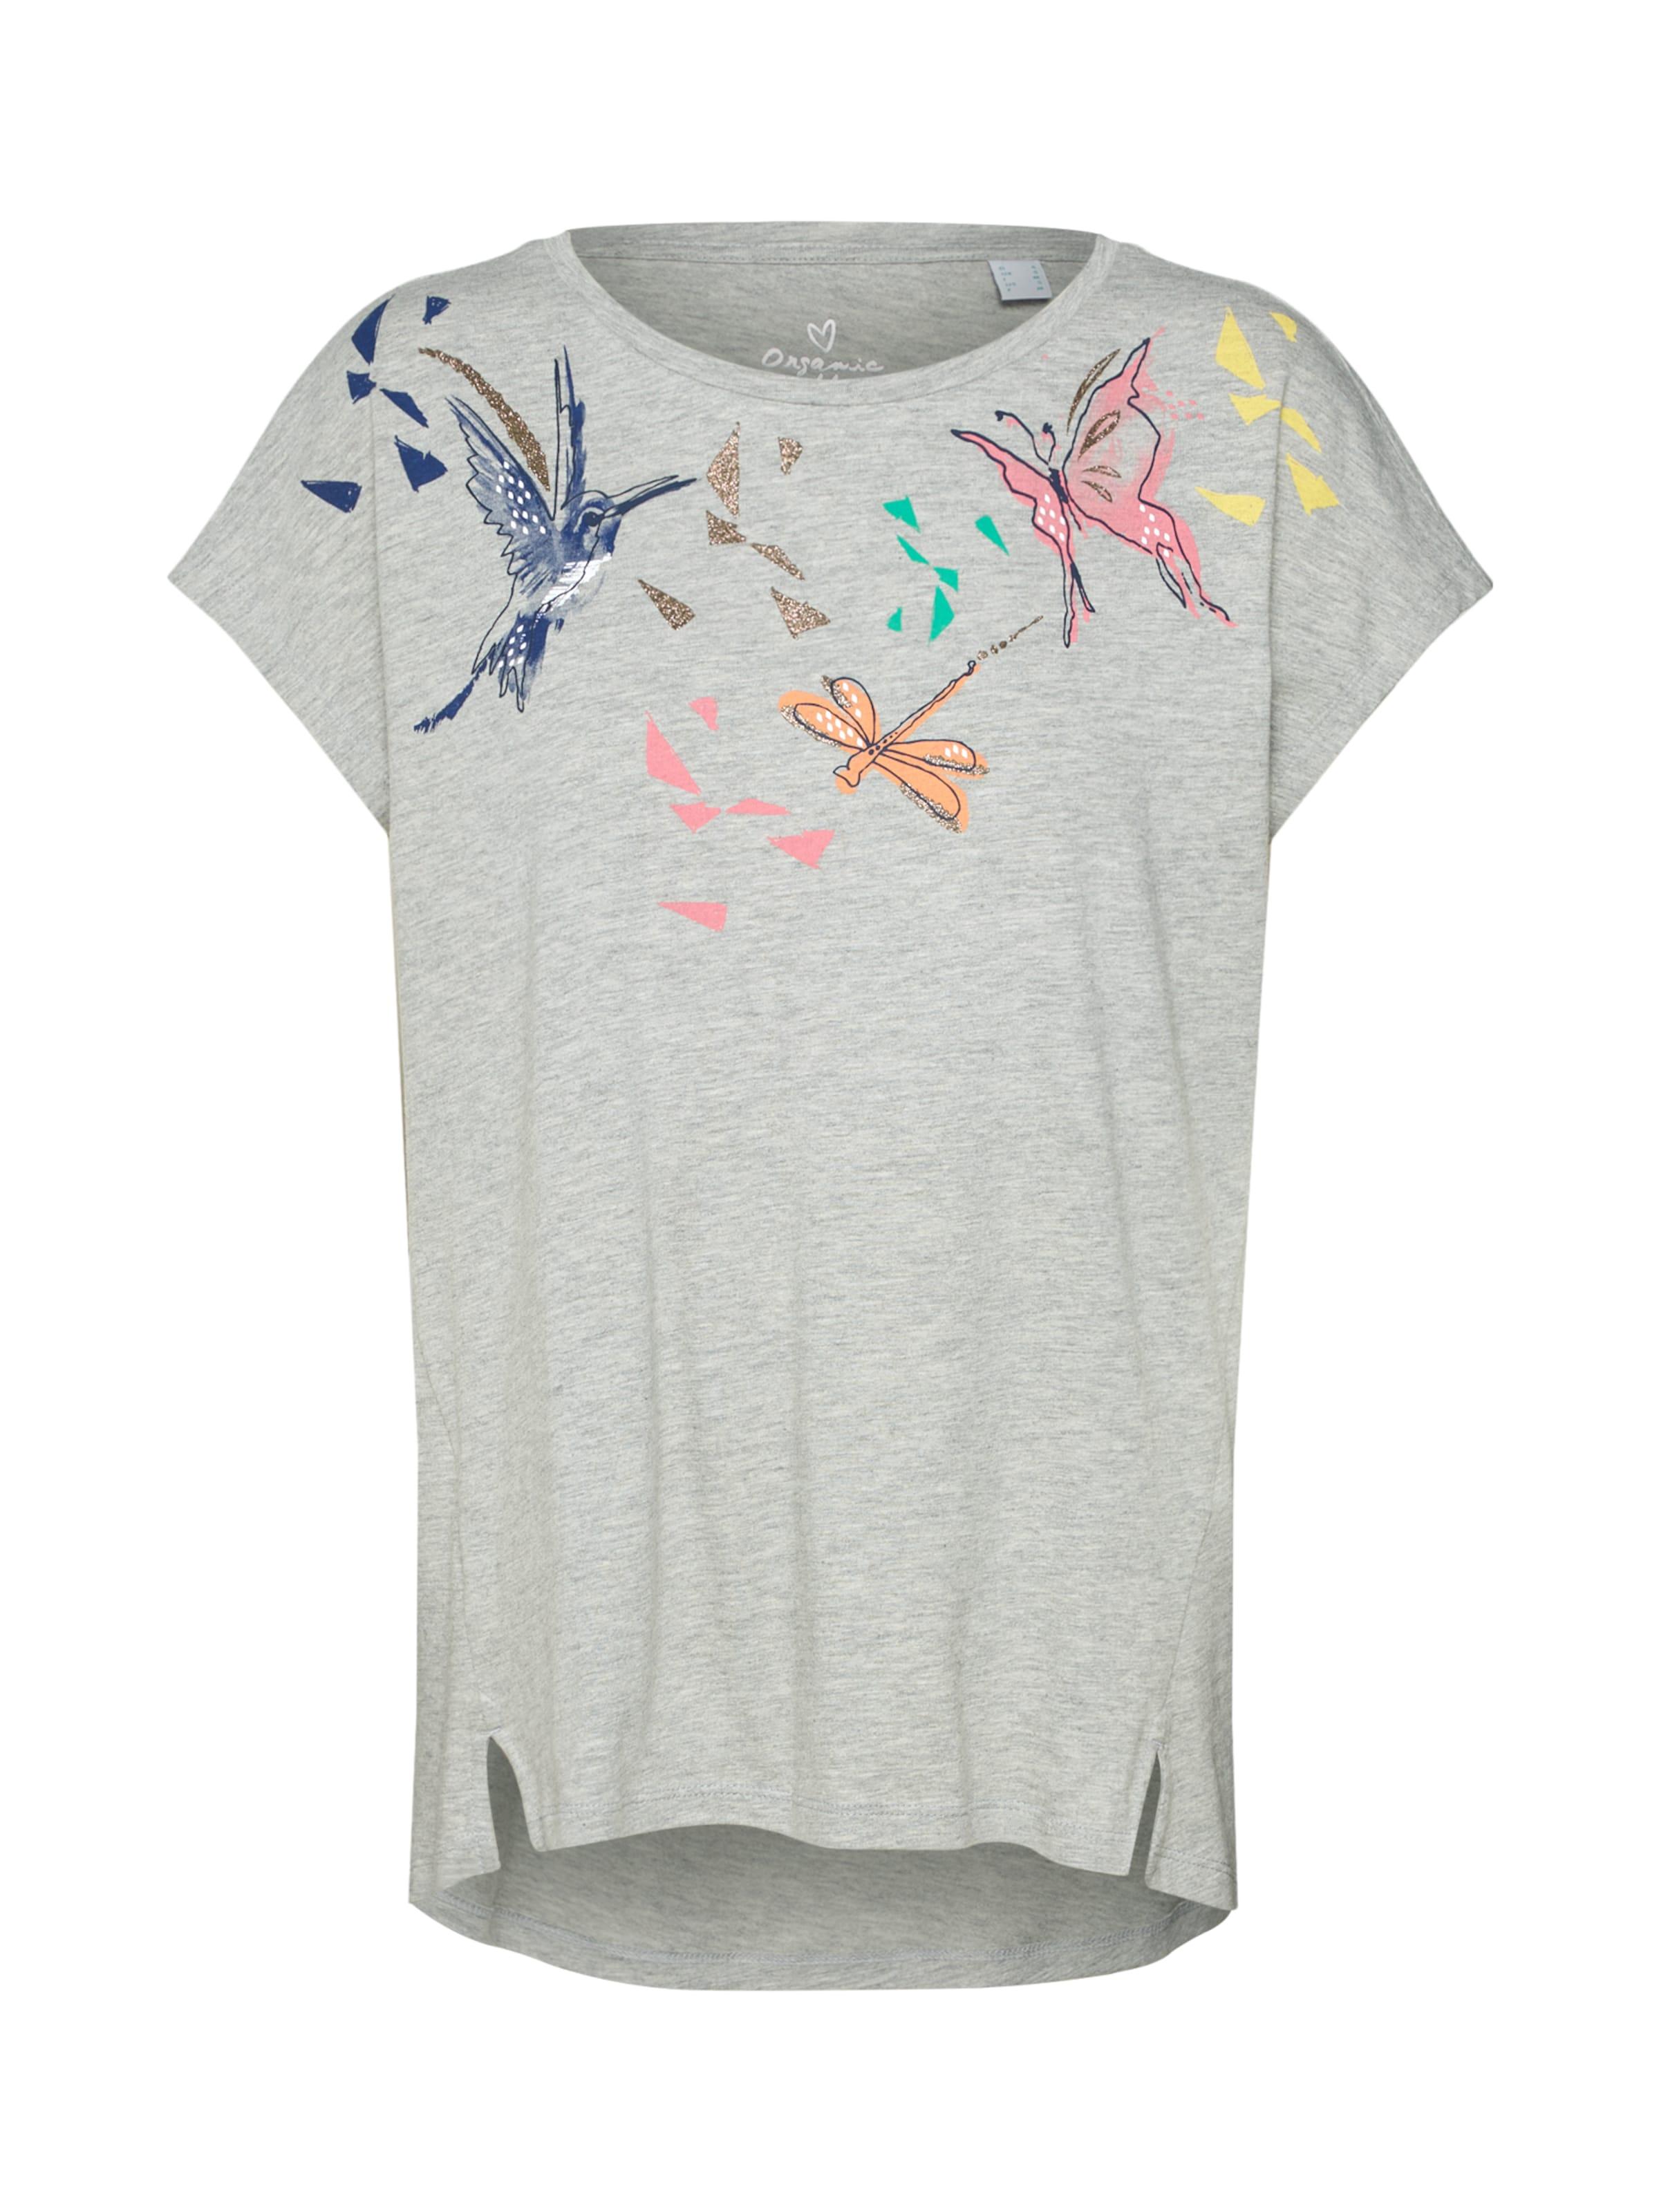 shirt T' Gris En ClairMélange T Esprit De Aw Couleurs Bird 'ocs DE9IW2YH